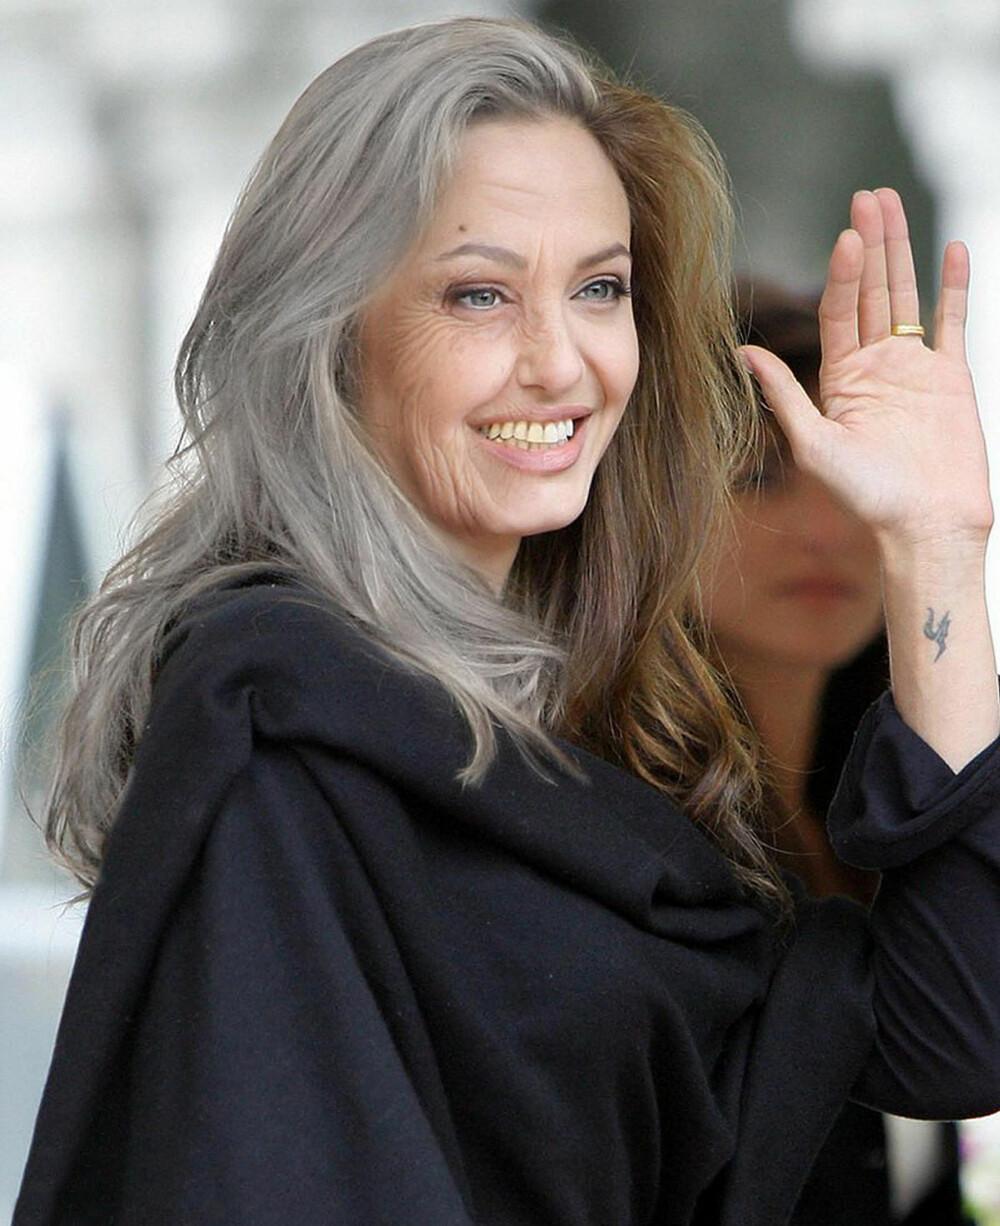 HALV HALV: Angelina Jolies som gammel er veldig godt photshop-manipulert på særlig hudstruktur, og fargenyanser på hår og tenner. Men håret vil dessverre ikke holde seg like tykt og blankt som her, øyenbrynene vil antakelig bli litt tynnere med striere og lengre hår, og fargen på øynene vil bli litt blassere.